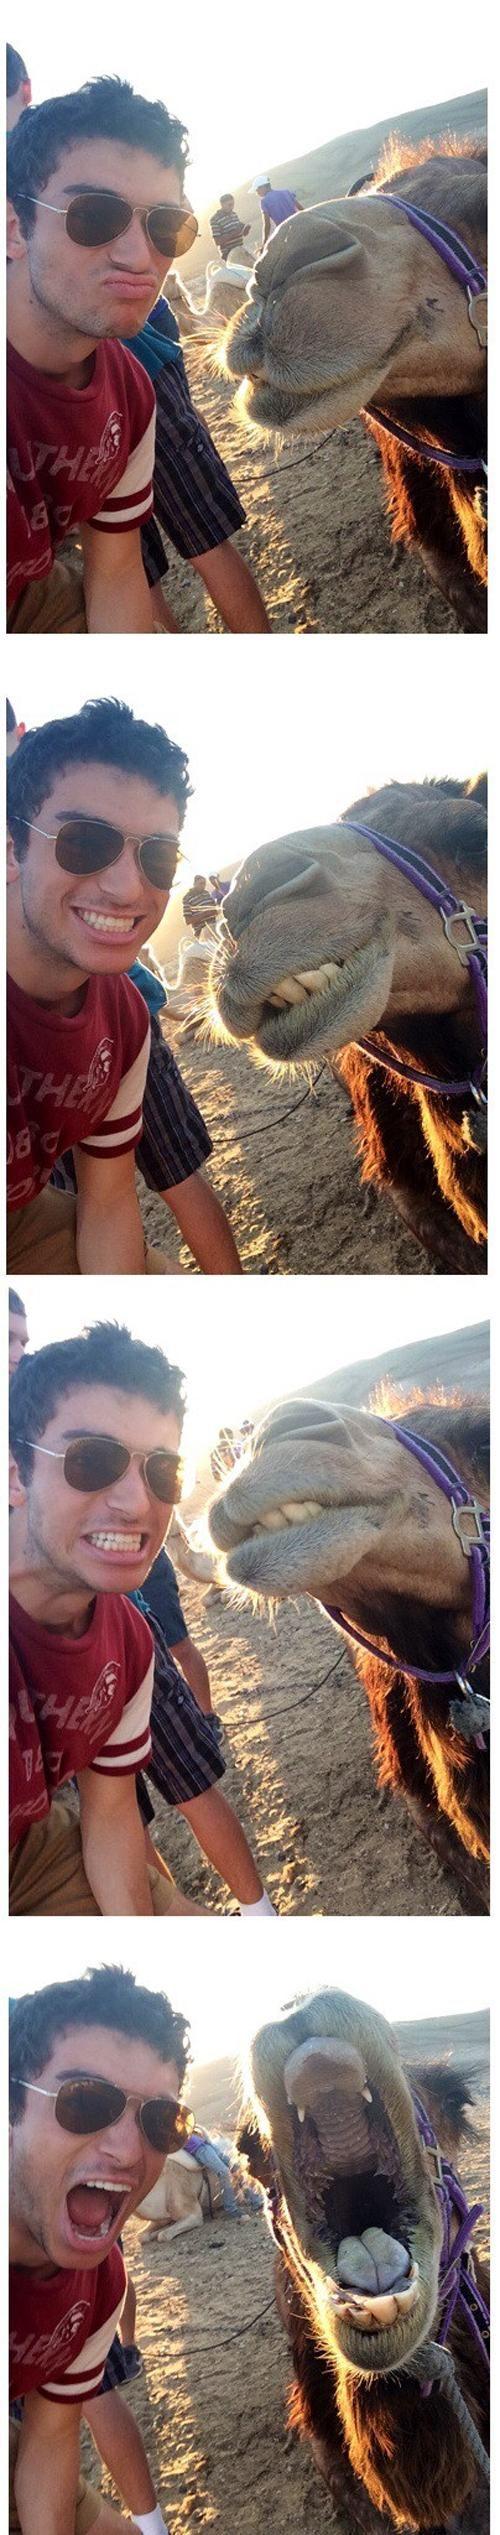 Estes animais apenas querem tirar uma Selfie 17 These animals just want to take a Selfie